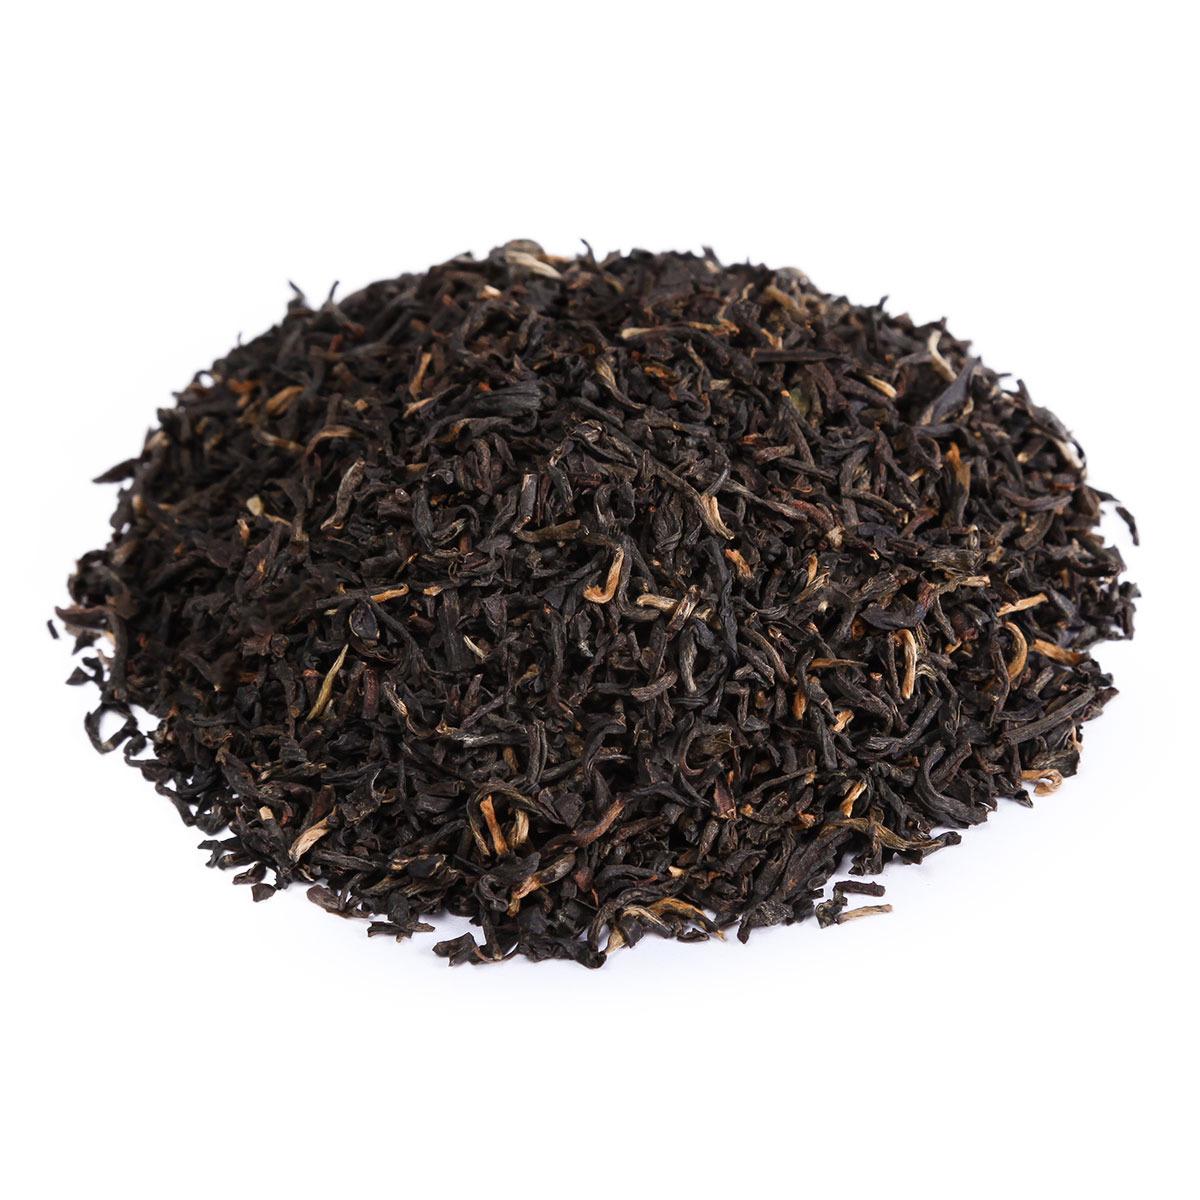 Чай листовой Первая Чайная Компания Дянь Хун, красный, 100 г типсовый дянь хун op